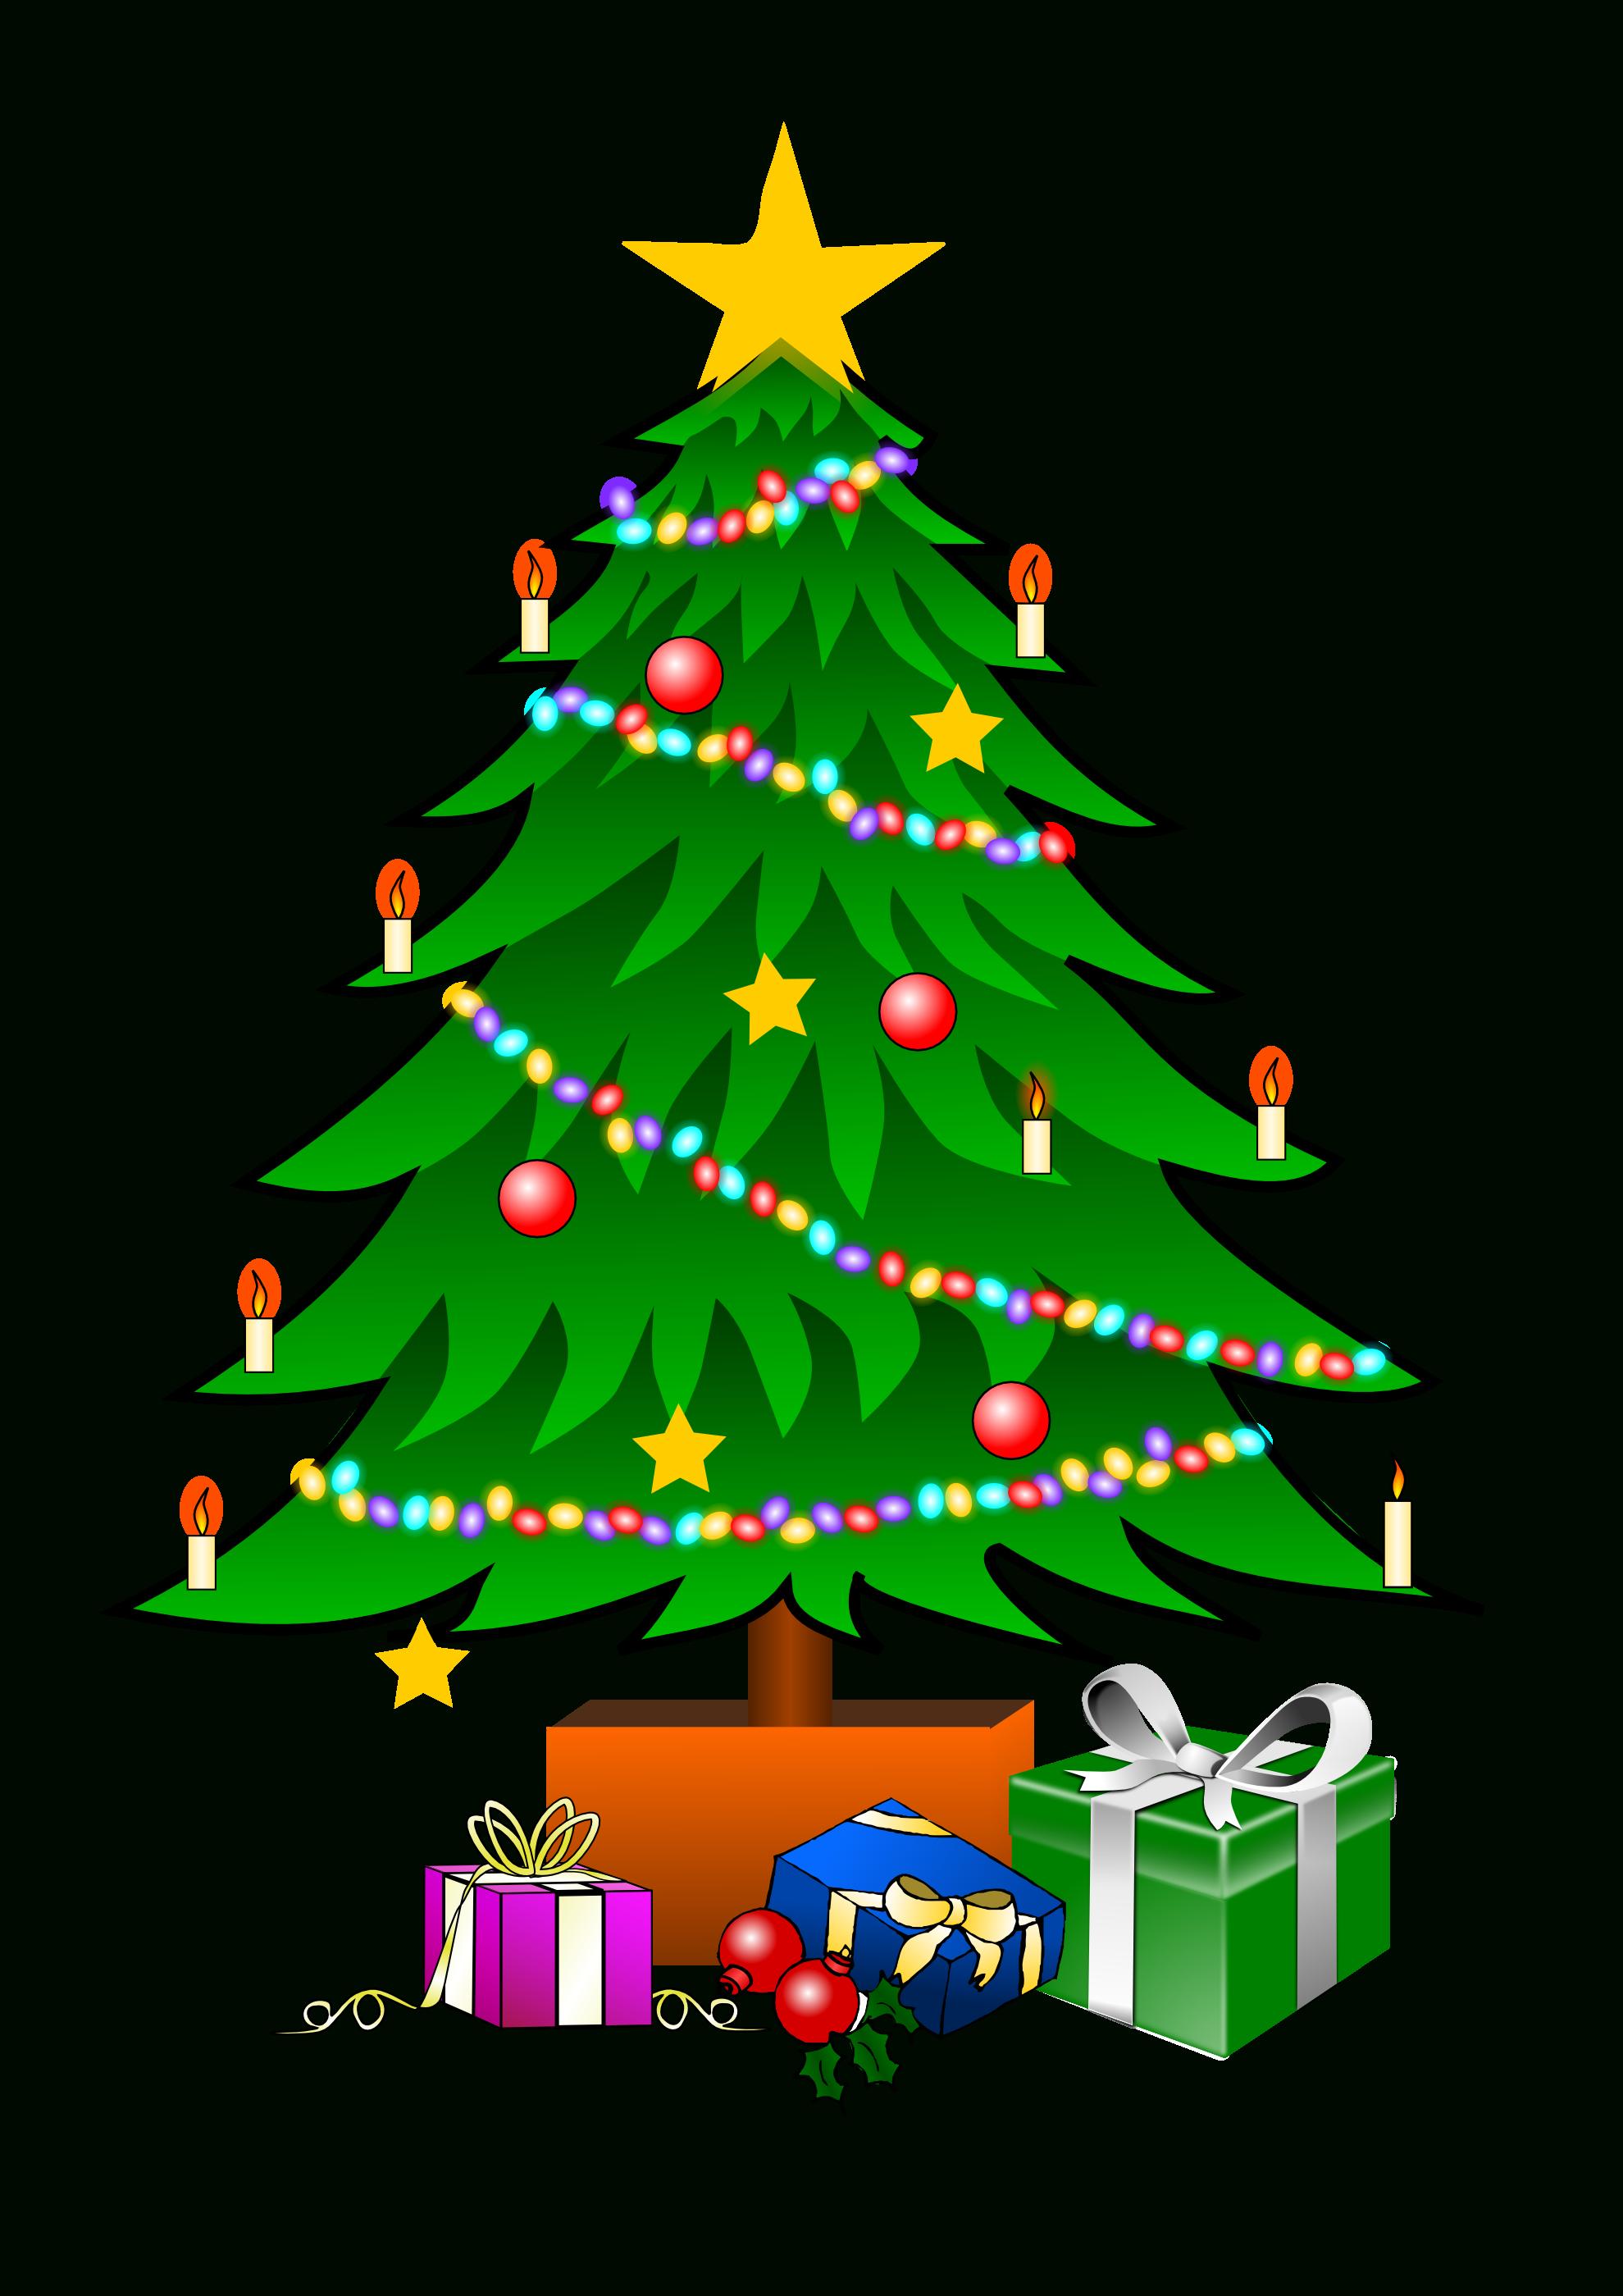 Christmas Tree Free Transpa